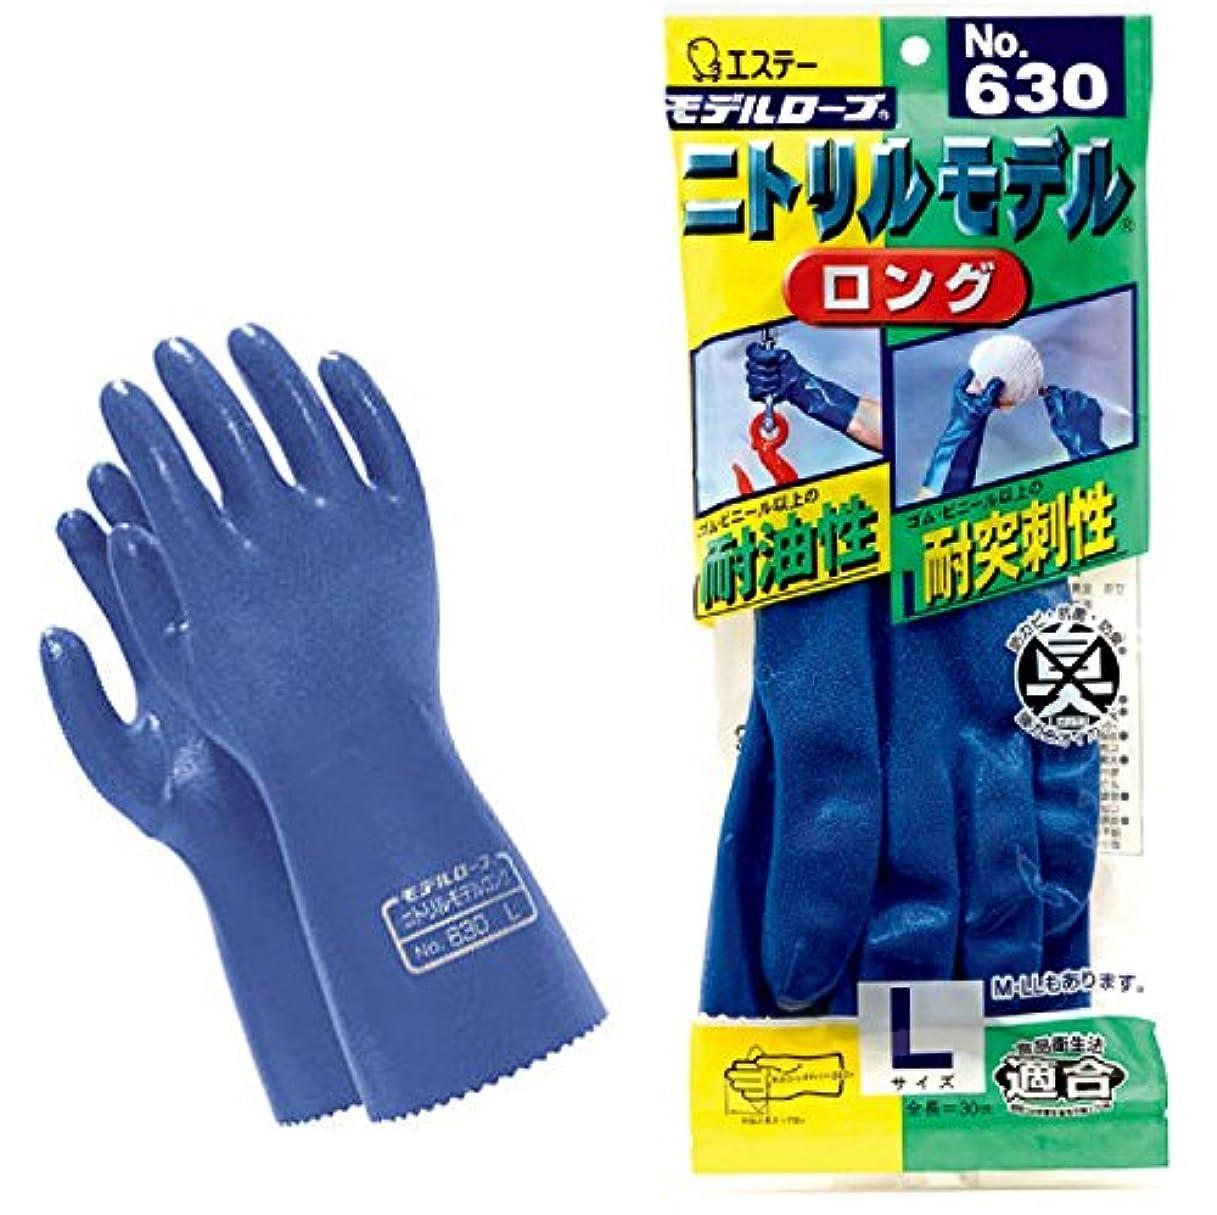 感心するマークダウンに賛成(まとめ買い)エステー 作業用手袋 ニトリルモデル ロングLLNo.630 【×10セット】 生活用品 インテリア